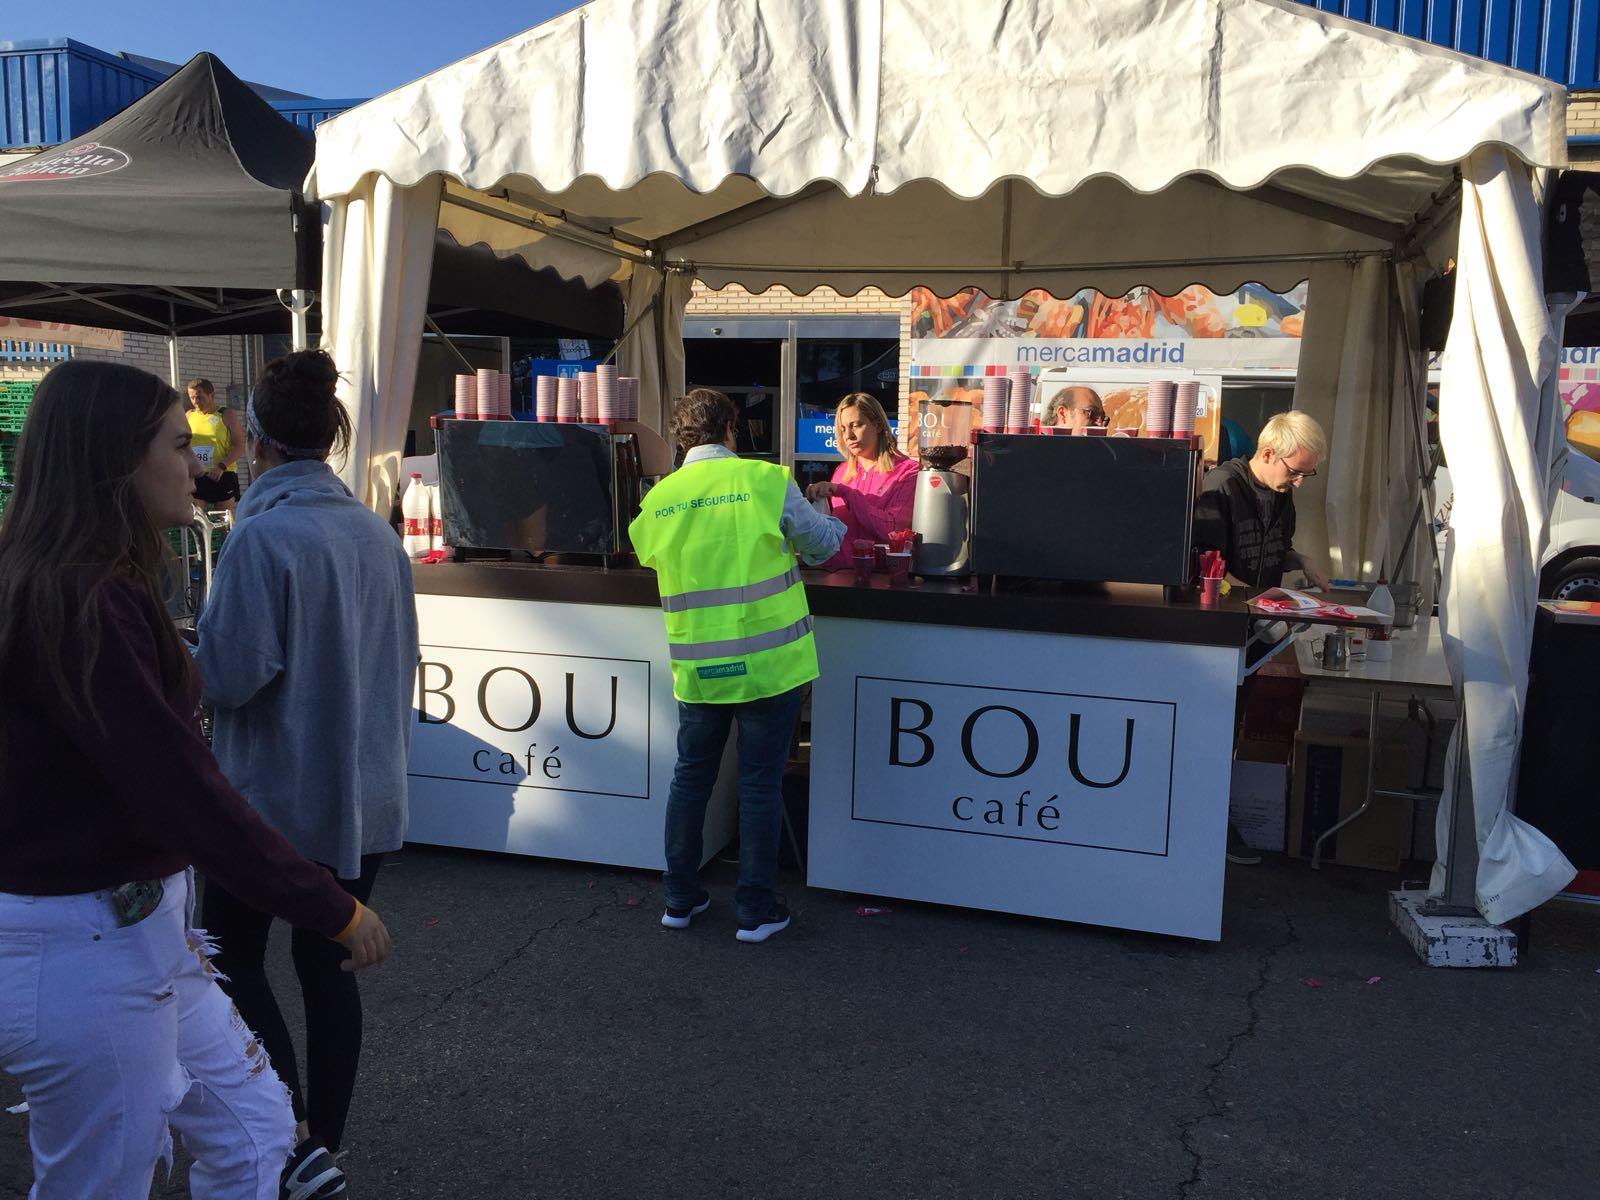 BOU Café en la carrera de 10k MercaMadrid